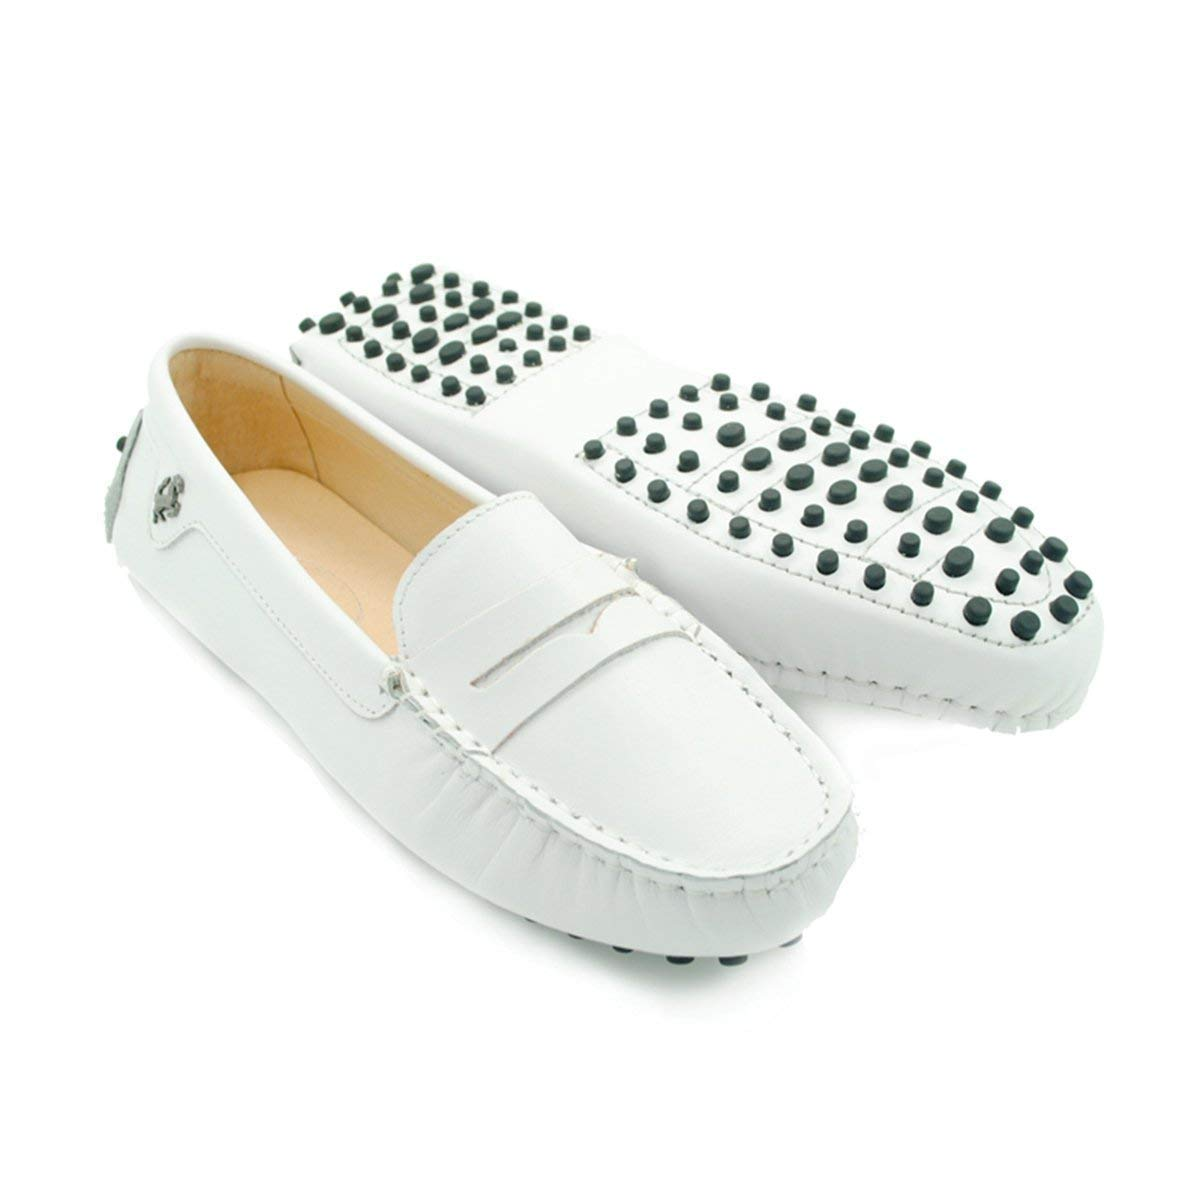 Qiusa Mädchen-Damen-zufälliges weißes Leder das im Freien Freien Freien Stiefel-Schuh-Müßiggänger-Mokassins Großbritannien fährt 7 (Farbe   - Größe   -) 78d0f6